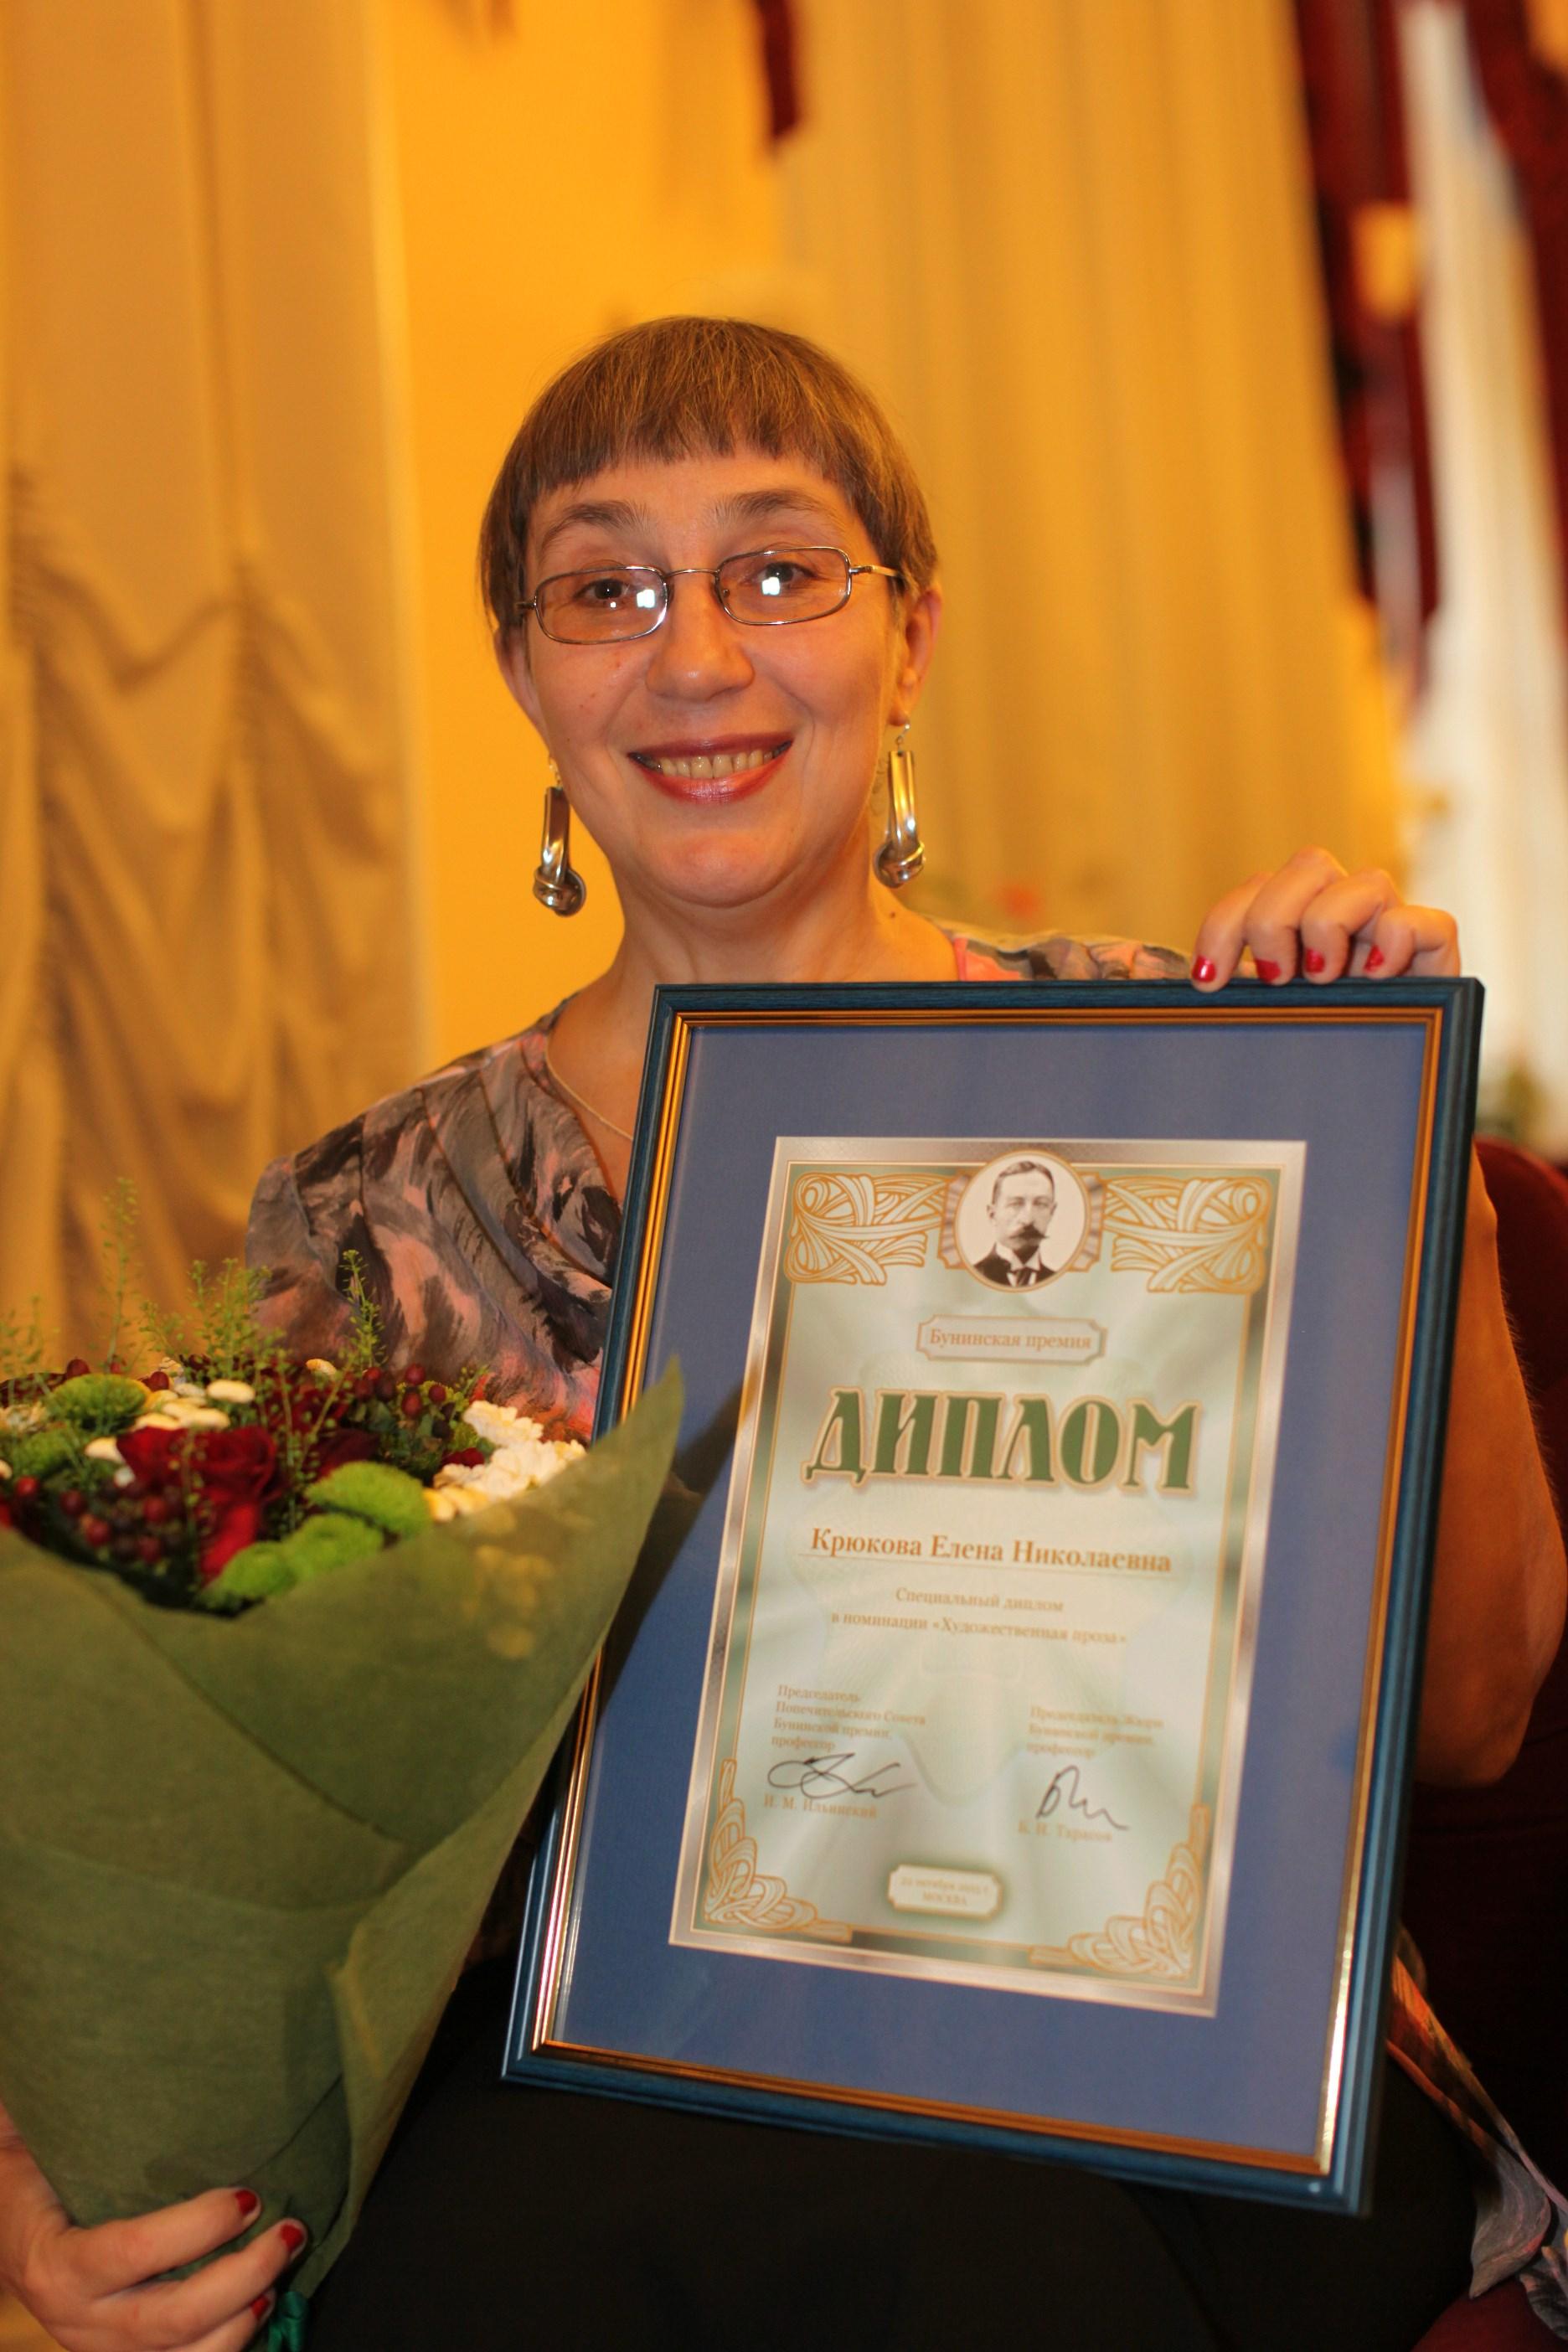 Елена Николаевна Крюкова